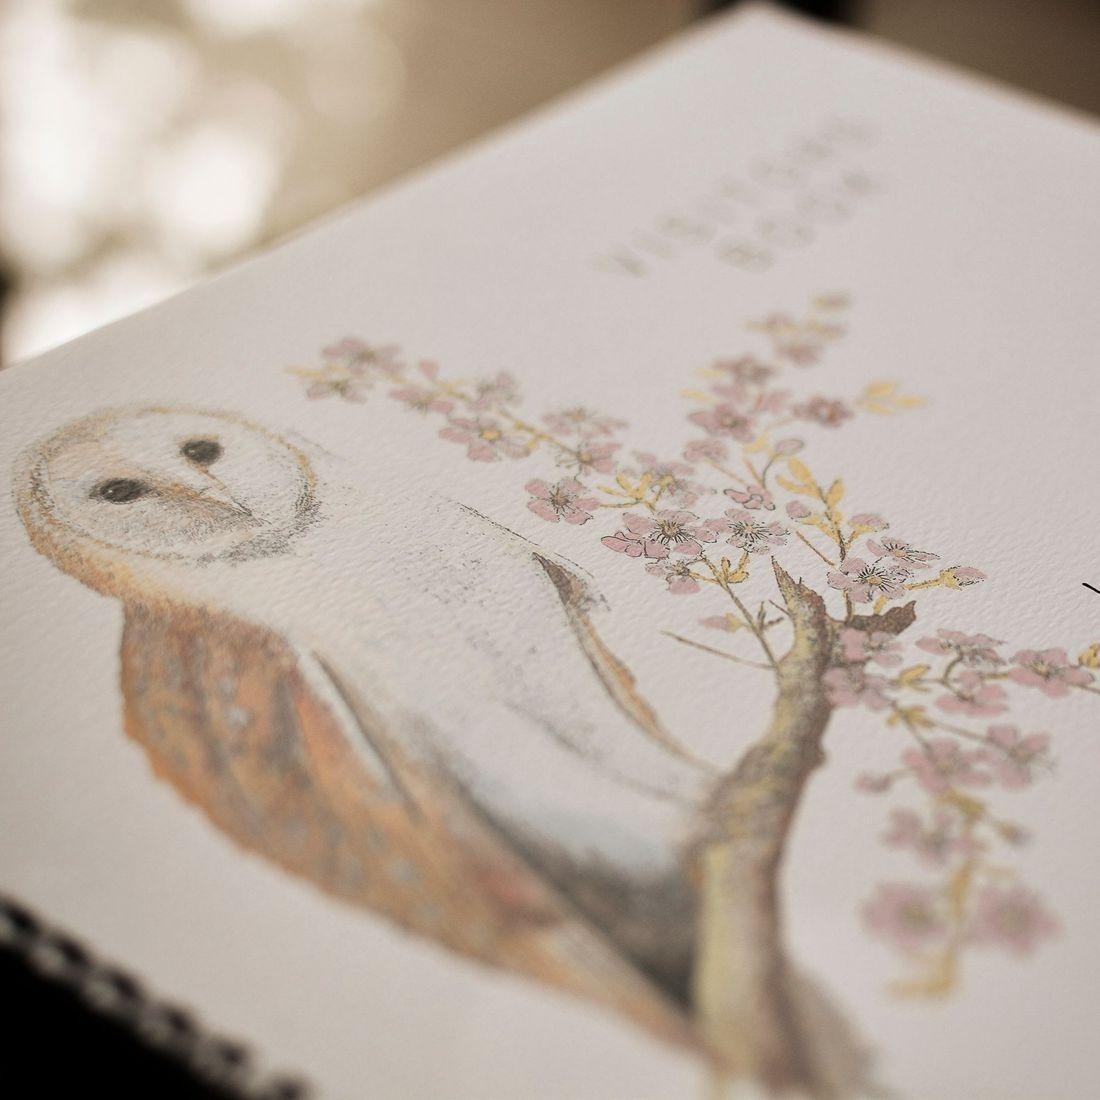 La Chouette guest book